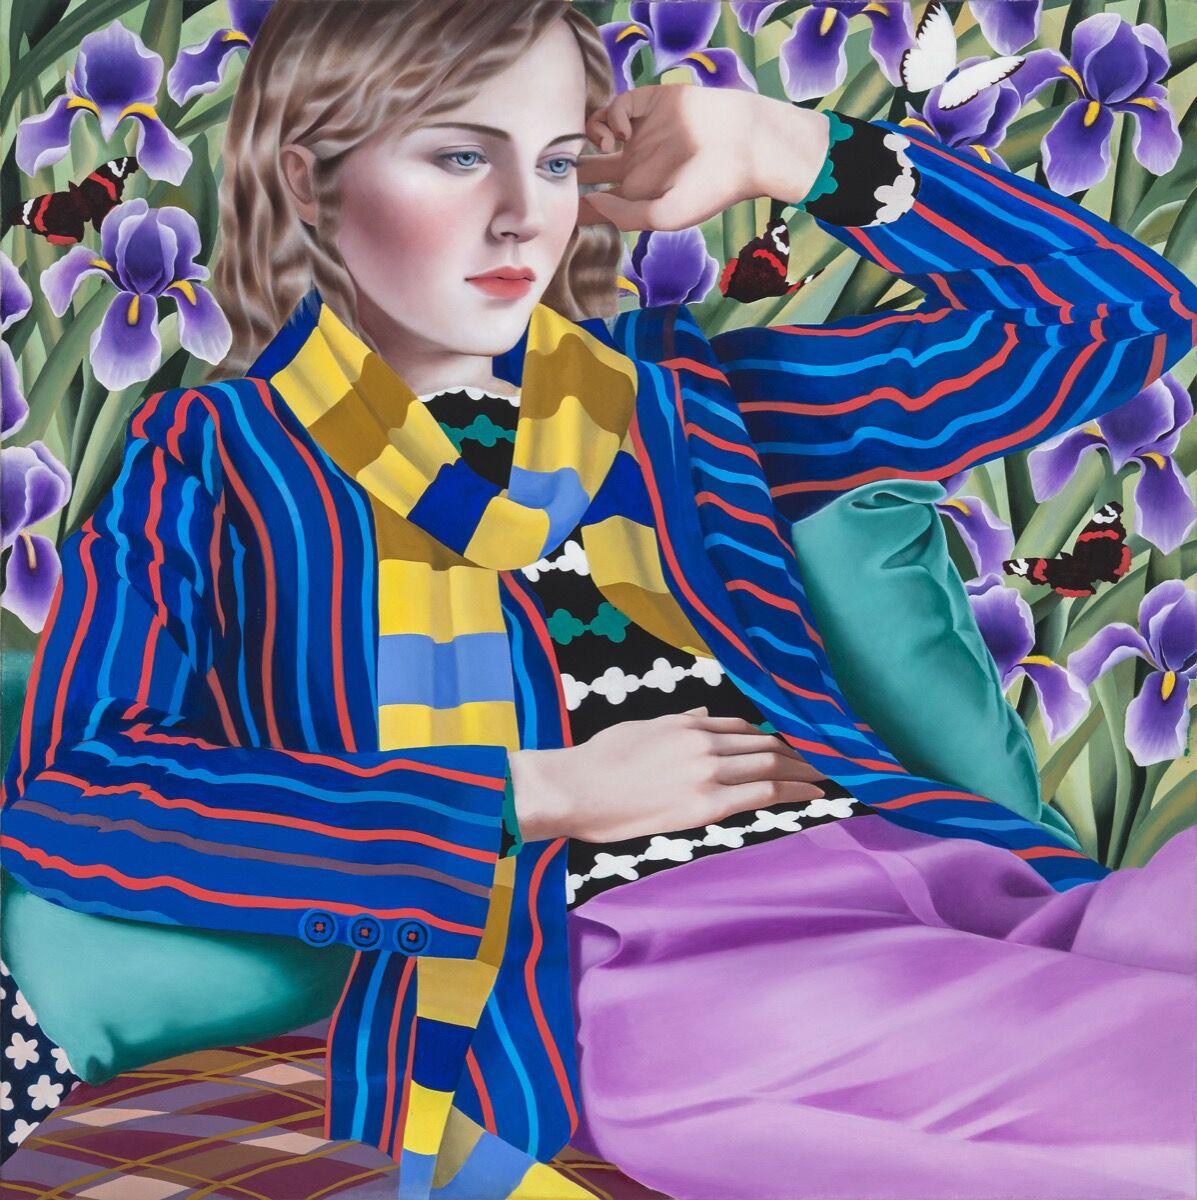 Jocelyn Hobbie, Irises, 2018. © Jocelyn Hobbie. Courtesy of Fredericks & Freiser, NY.